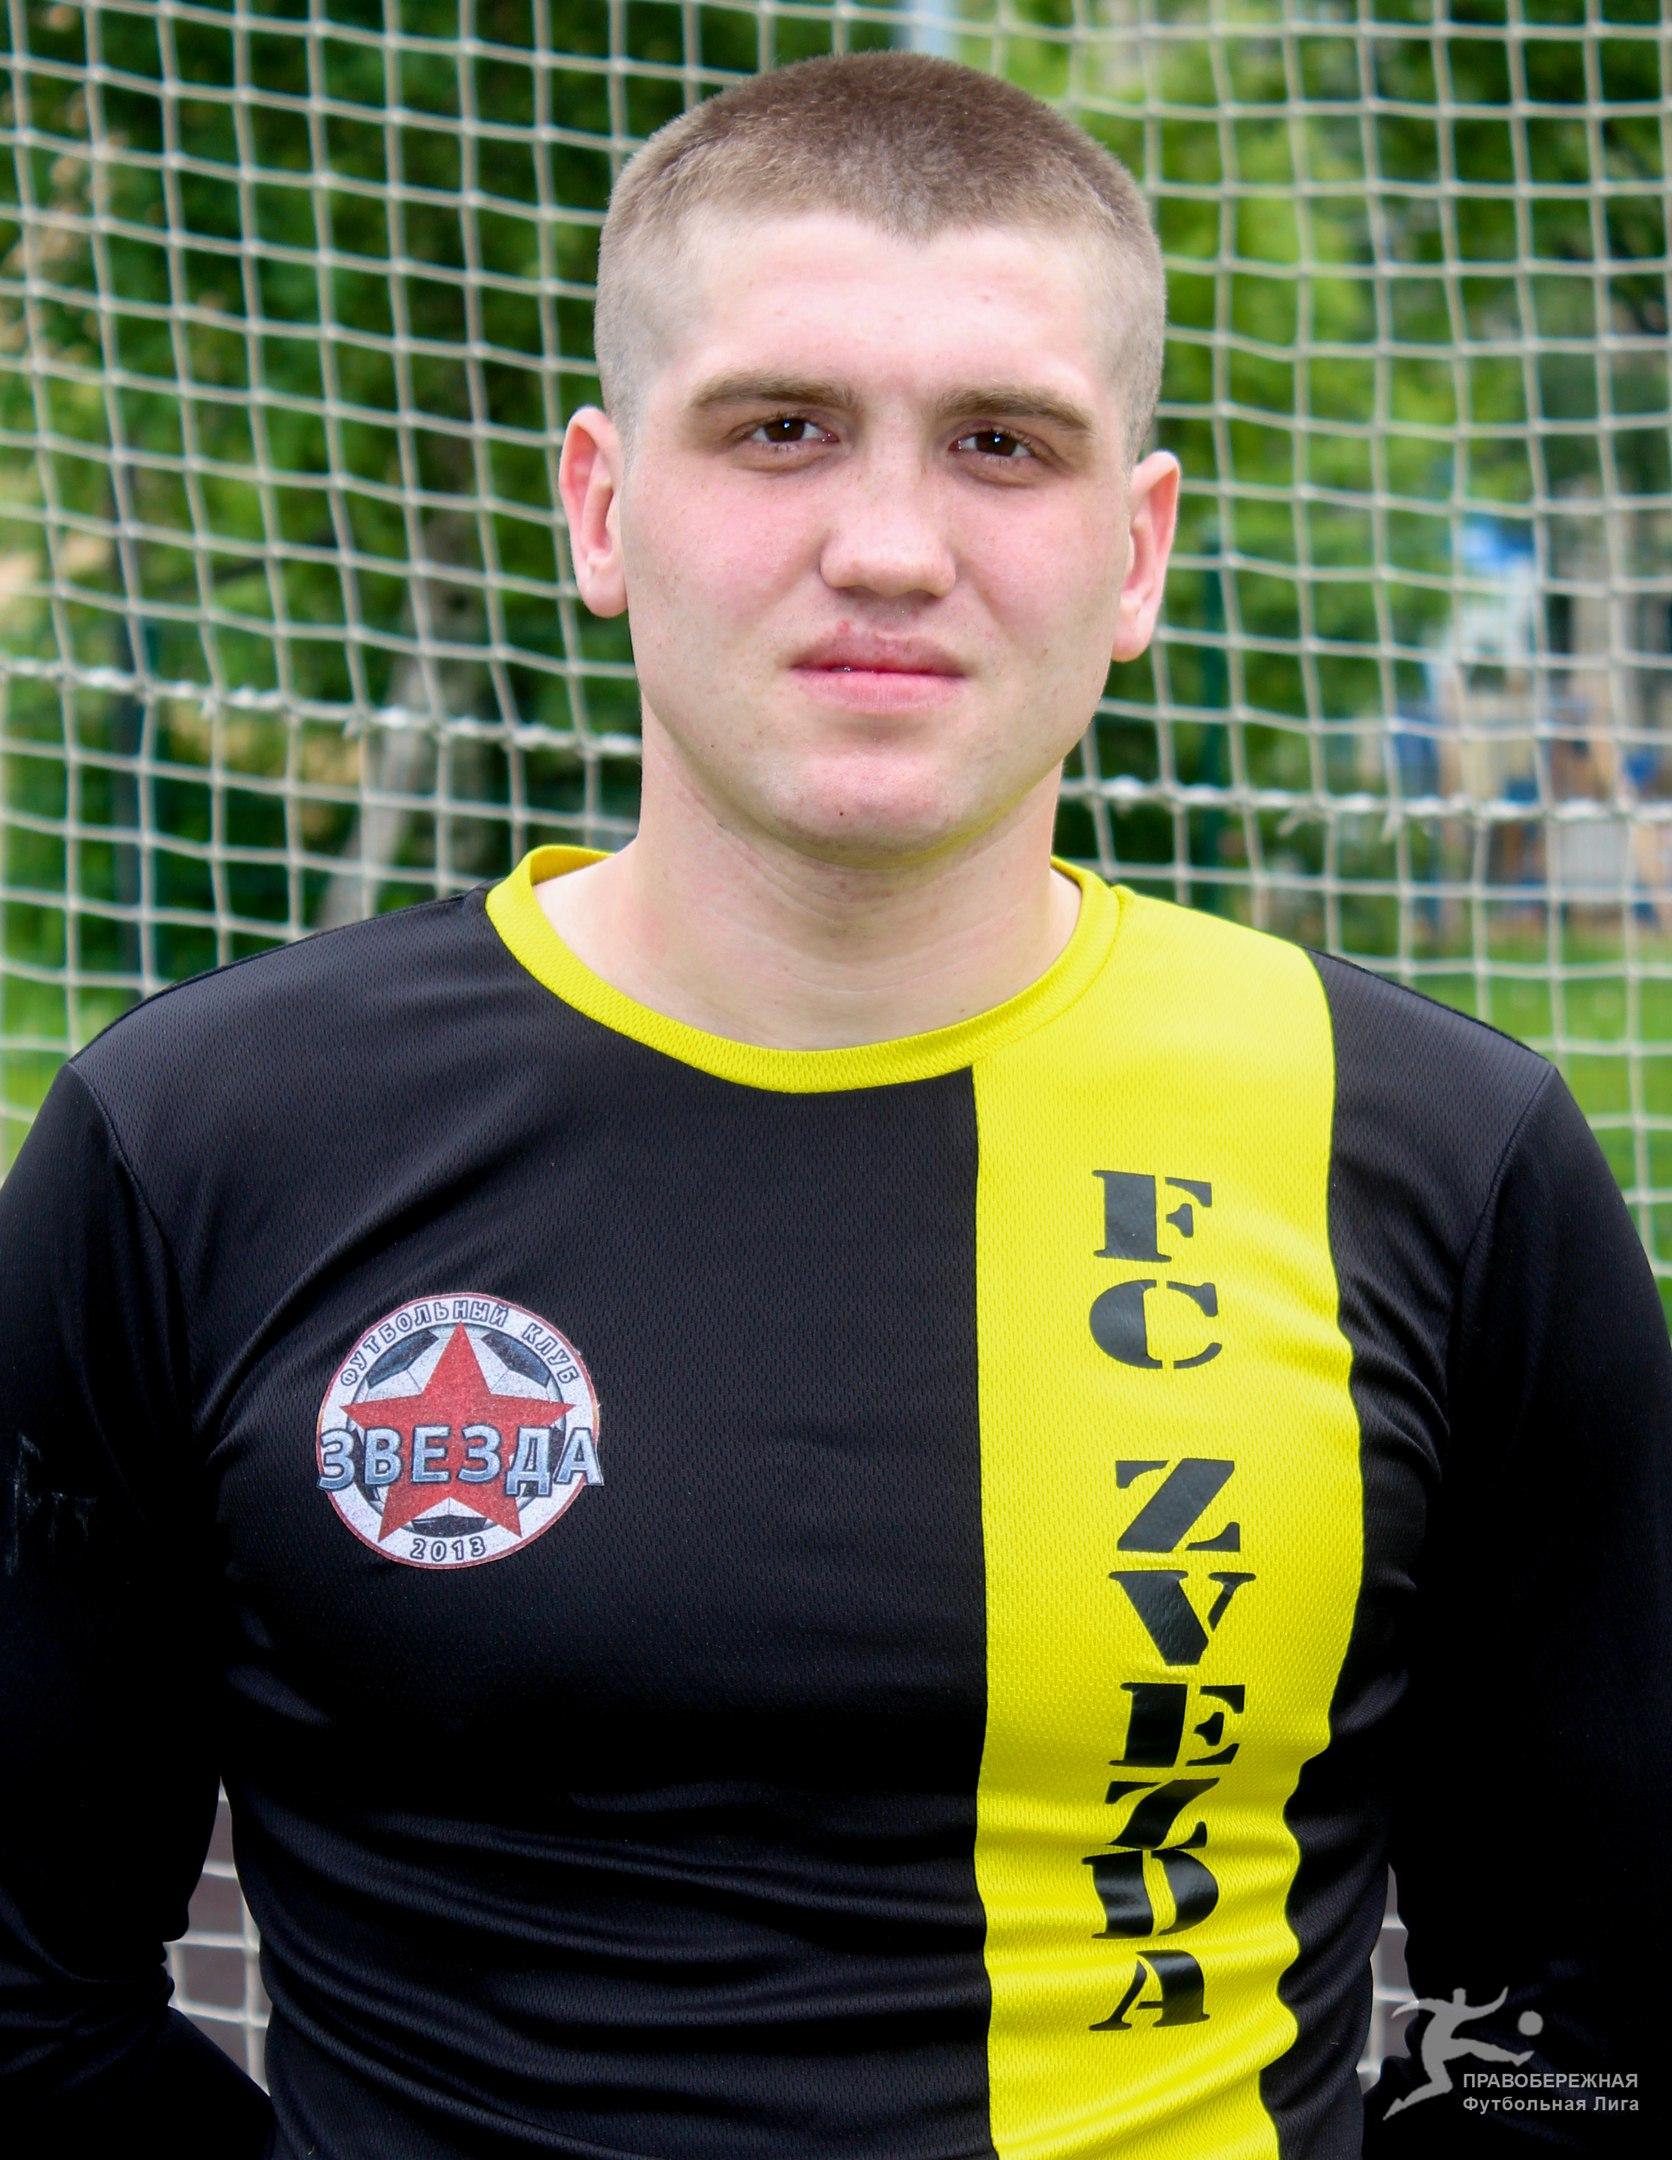 Максим Вербский